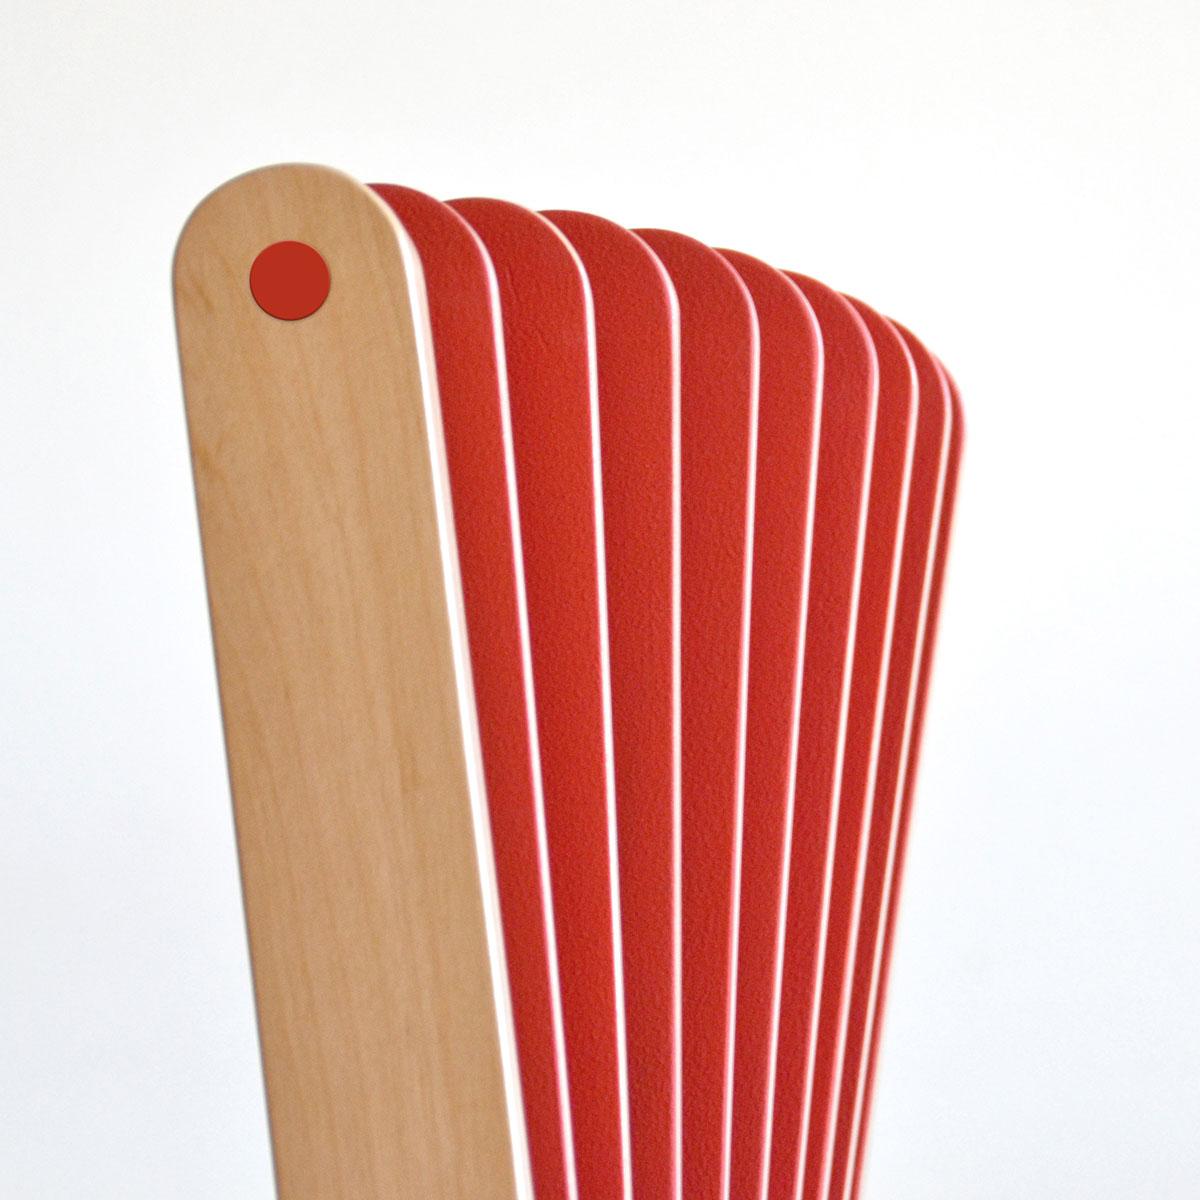 03-mobiliario-alabeado-federico-varone-itar-amoblamientos